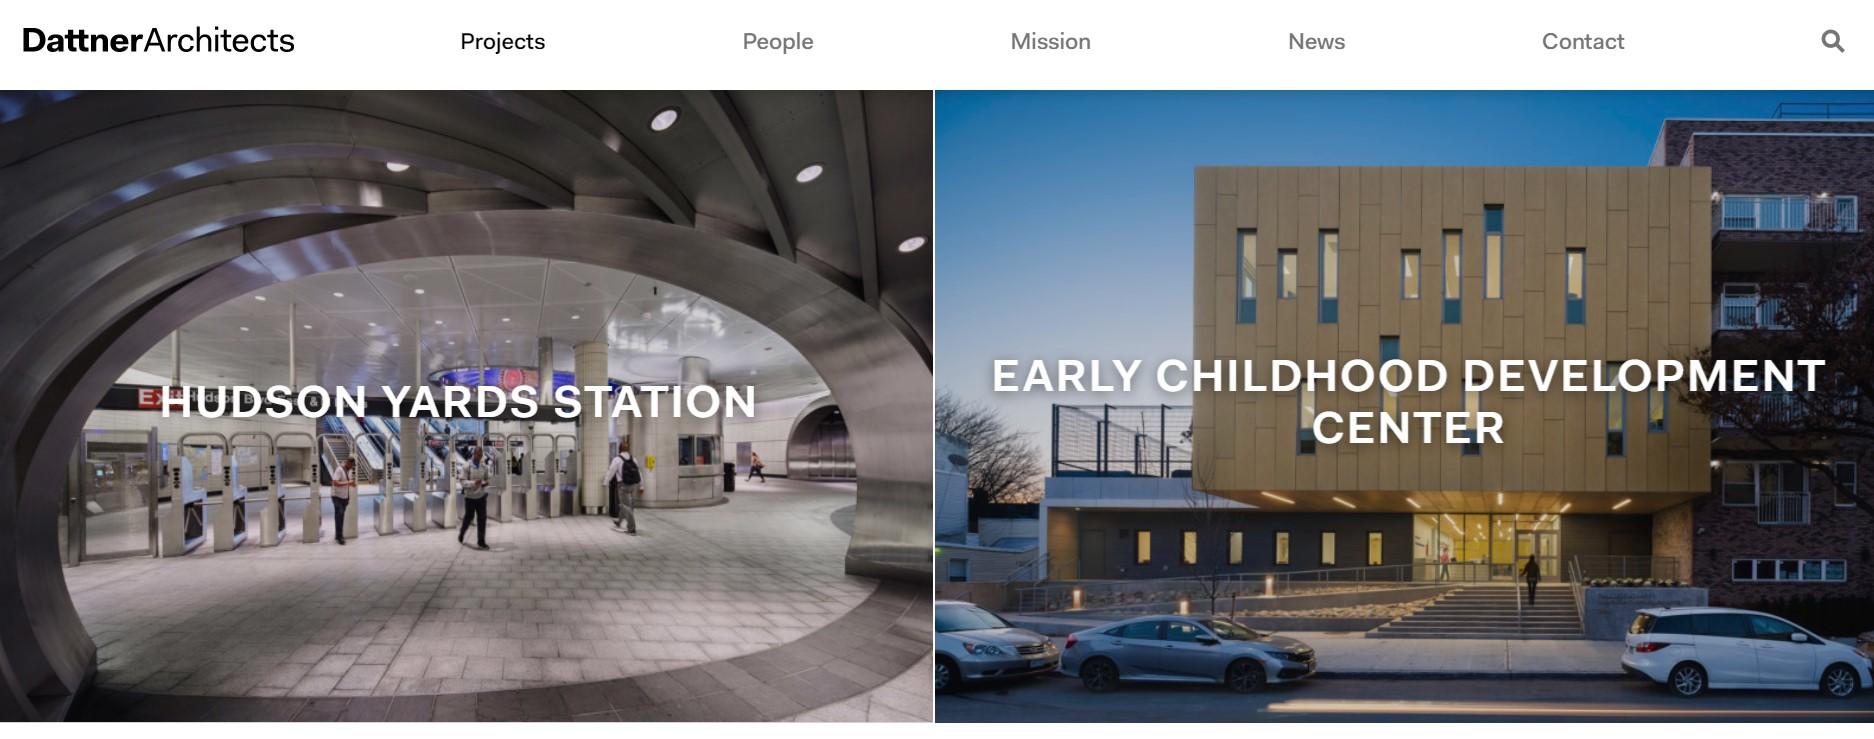 dattner architect in new york